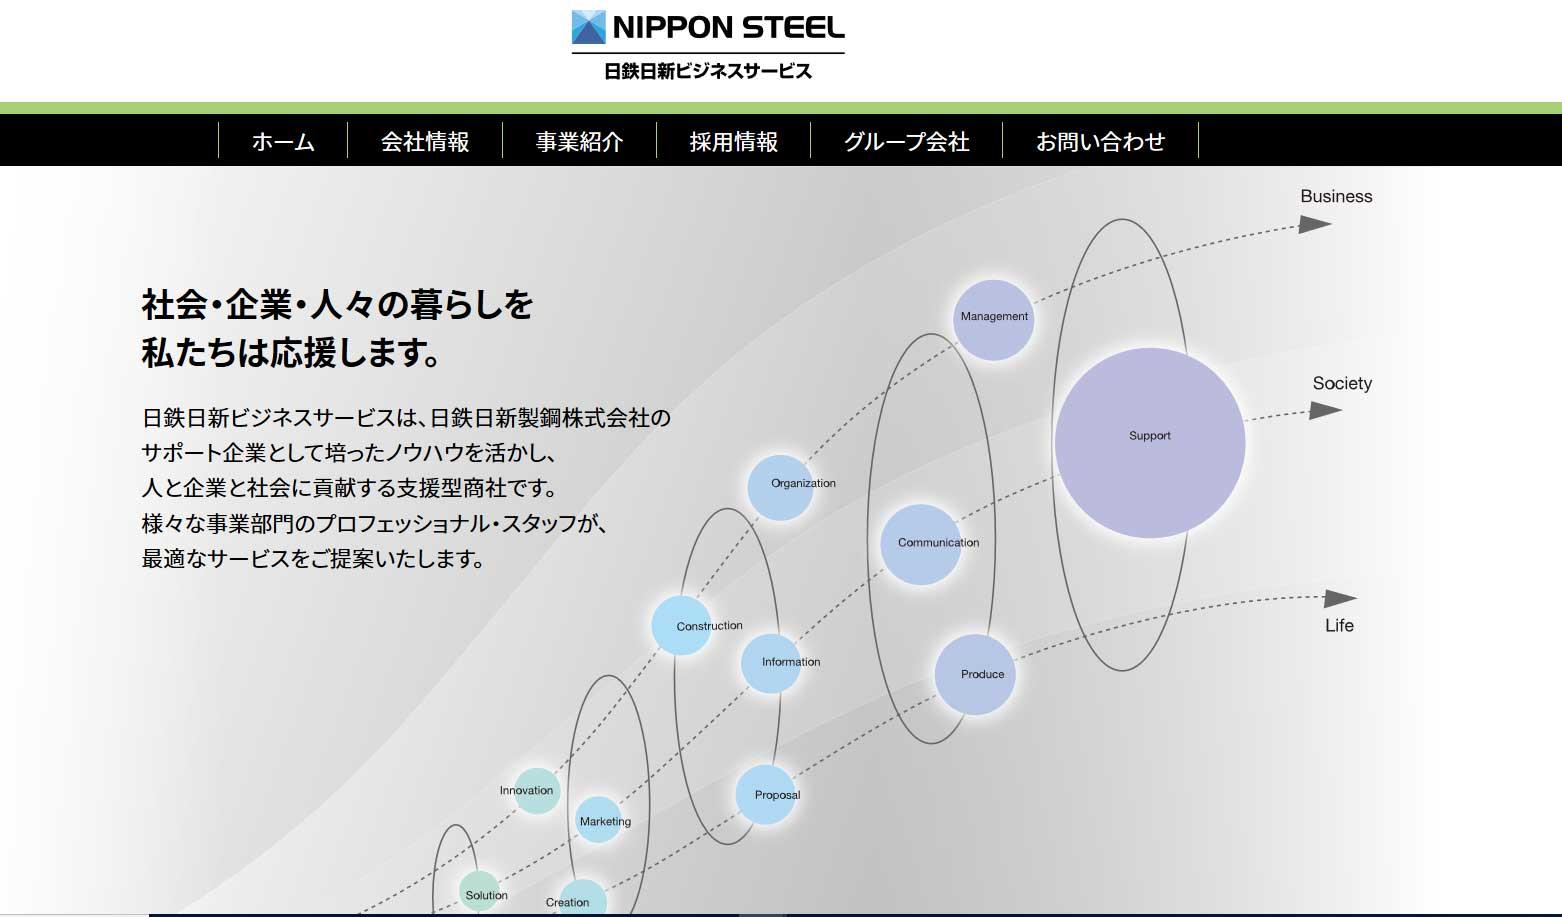 日鉄日新ビジネスサービス株式会社